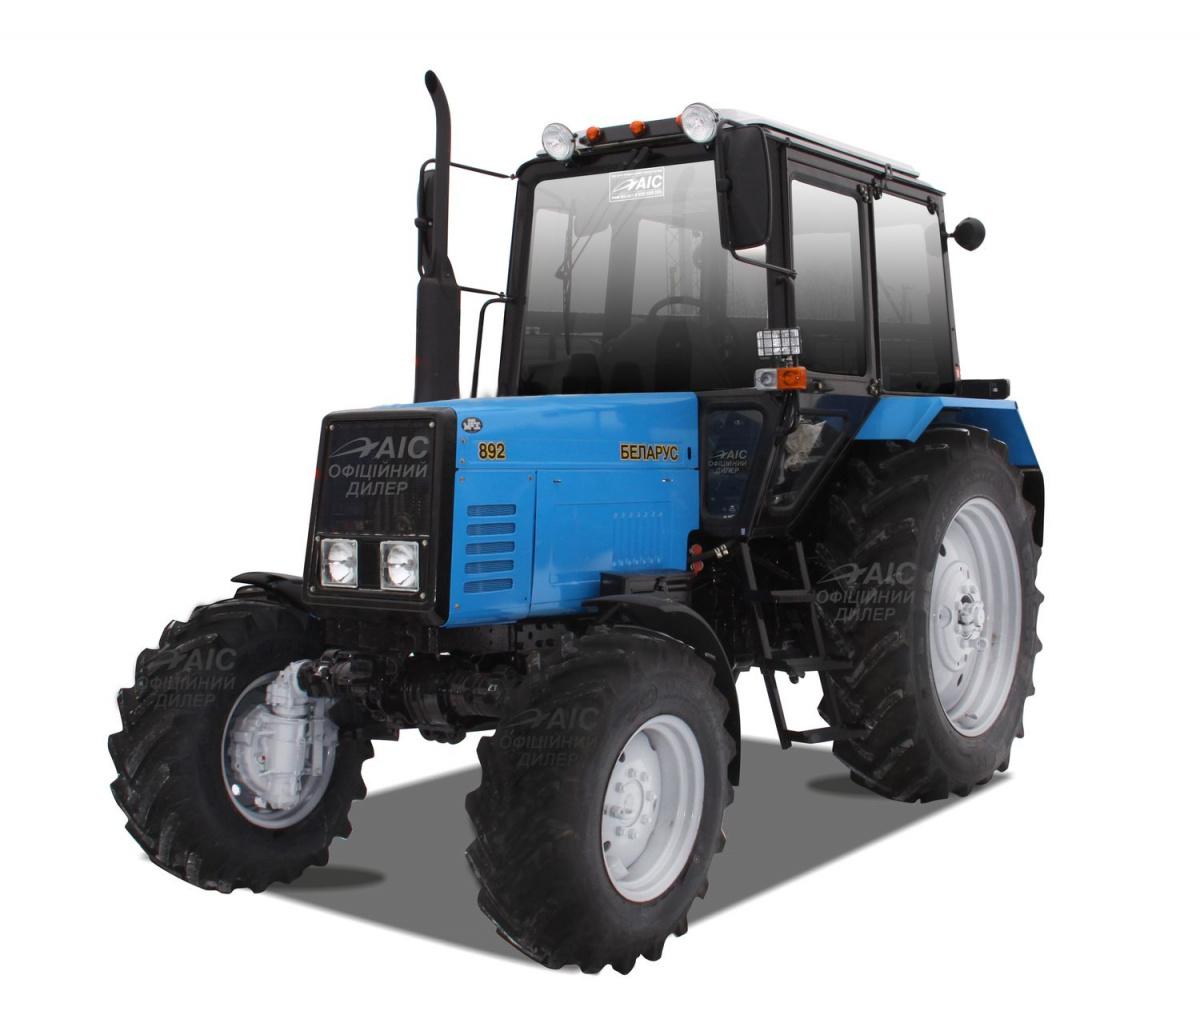 как взять трактор в кредит в украине где можно оформить кредит без справки о доходах